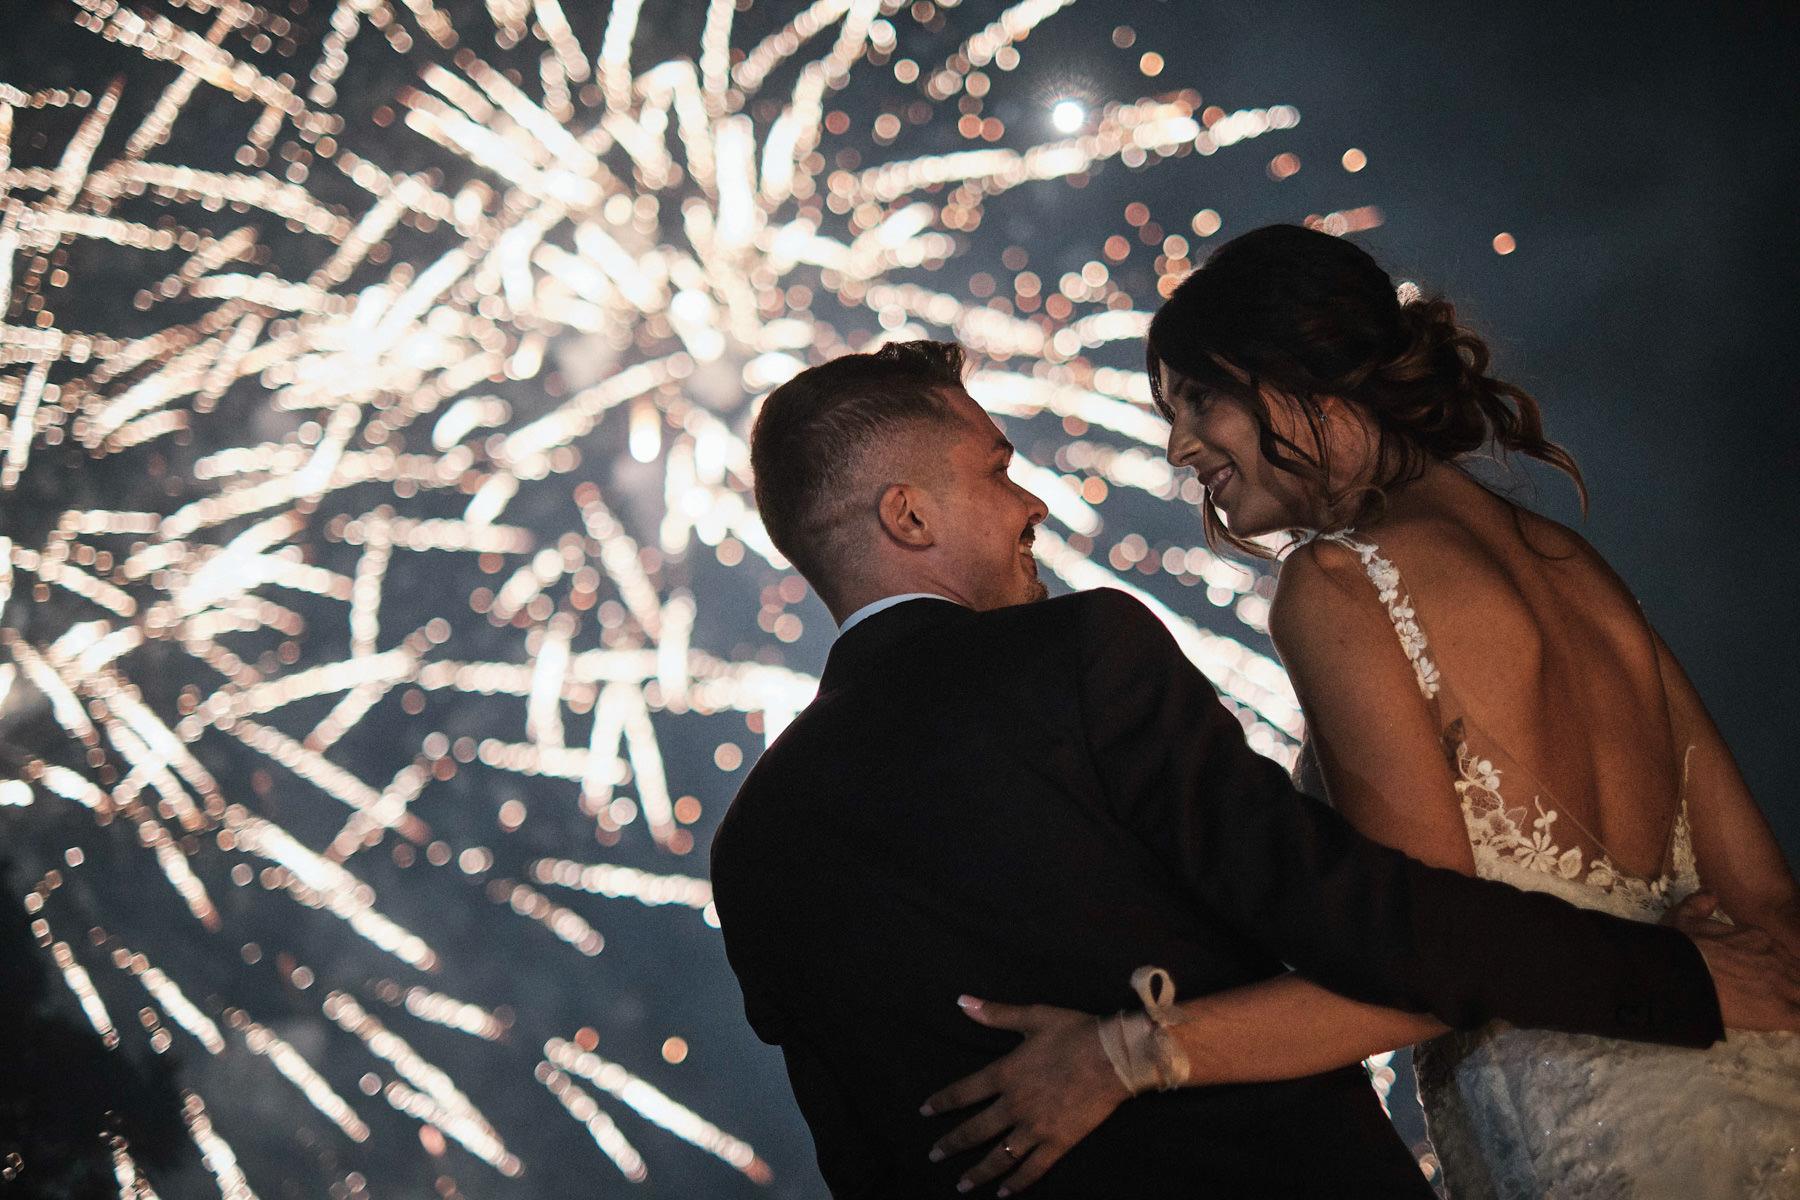 Francesco Ferrarini fotografo di matrimonio a Modena - Taglio torta - corte spalletti